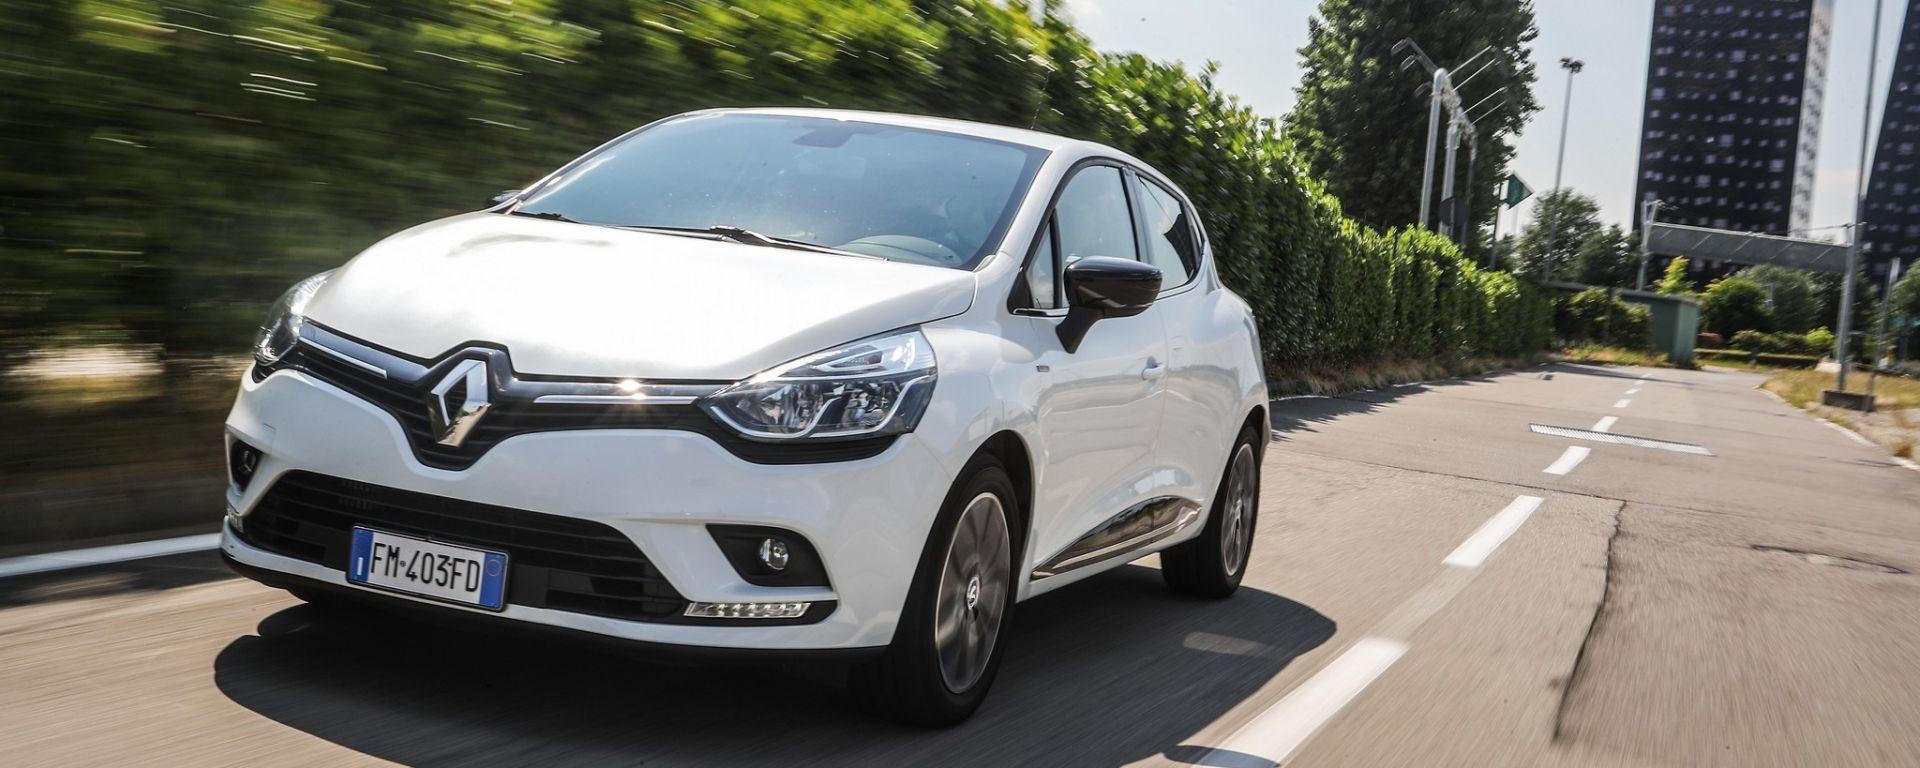 Renault Clio 0.9 TCe 90 CV: come va e quanto consuma con il GPL